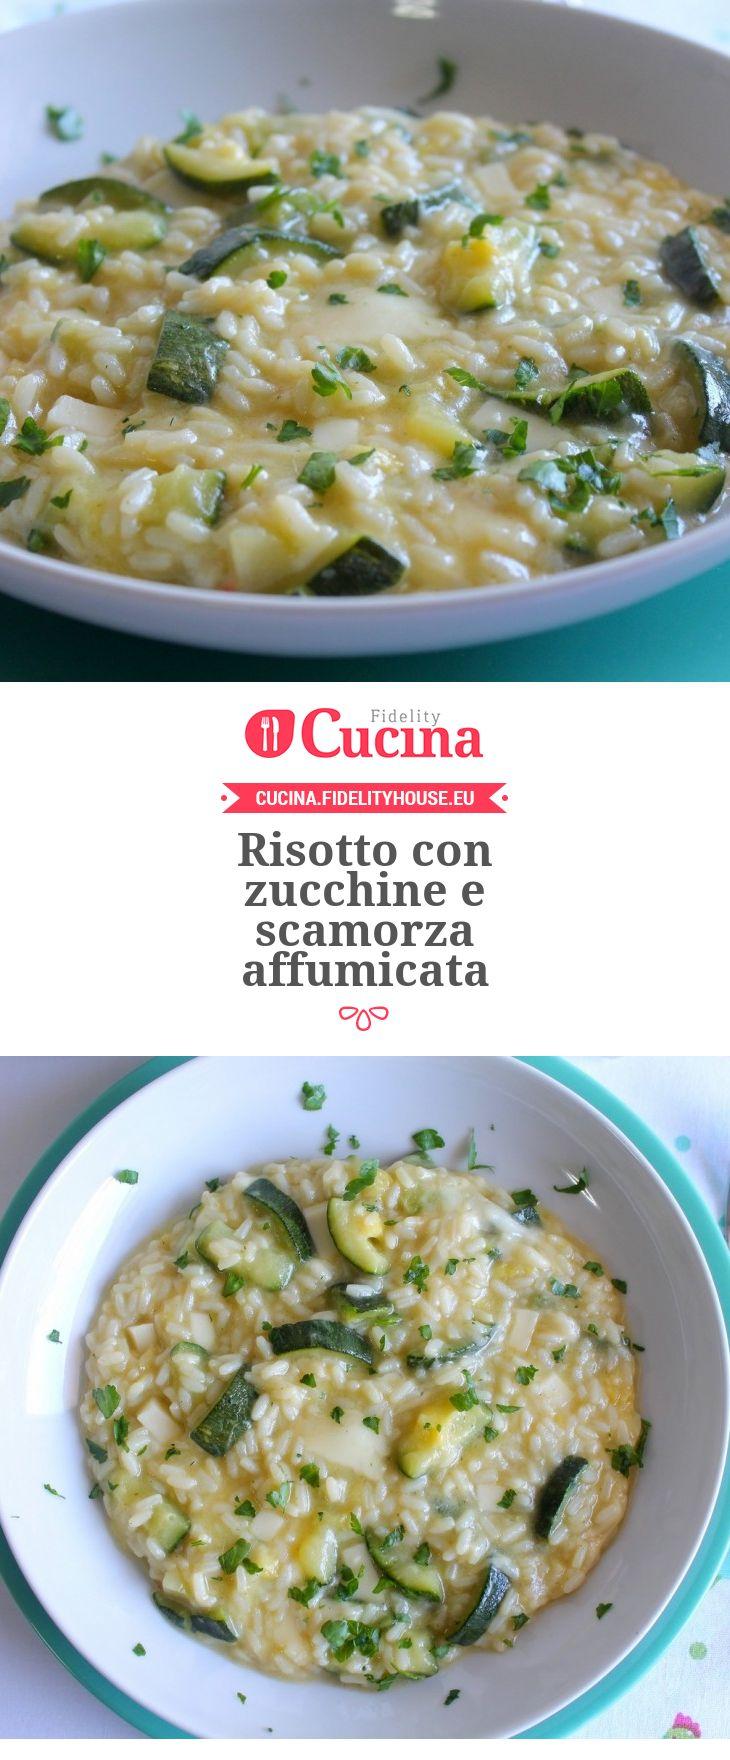 Risotto con zucchine e scamorza affumicata